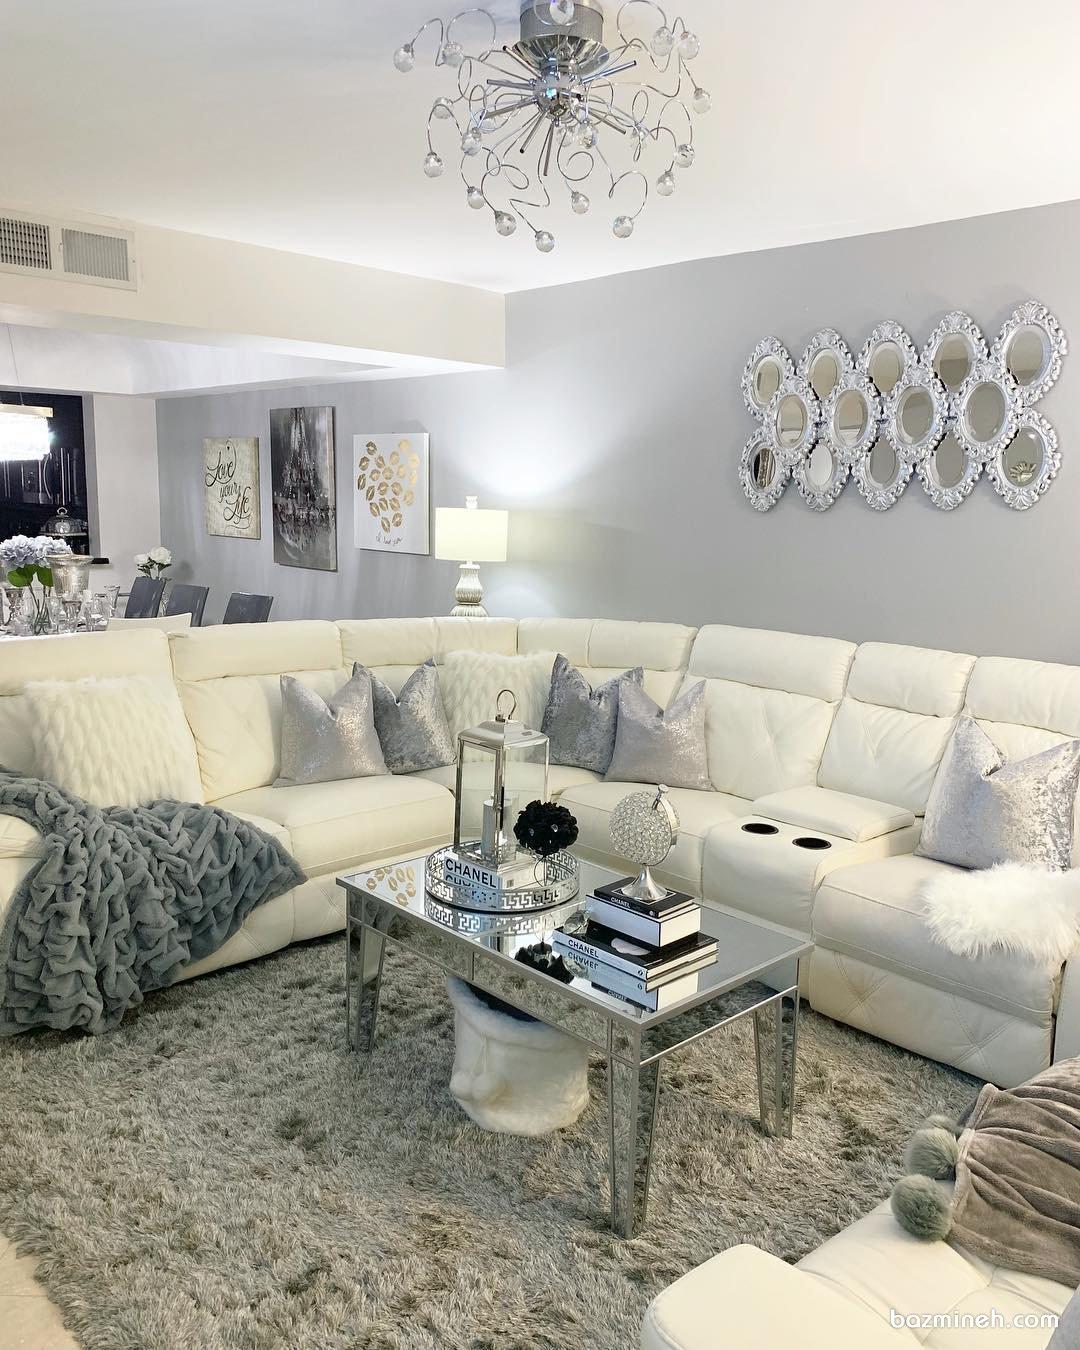 دکوراسیون امروزی منزل نوعروس با تم رنگی سفید طوسی با آینه کاری روی دیوار